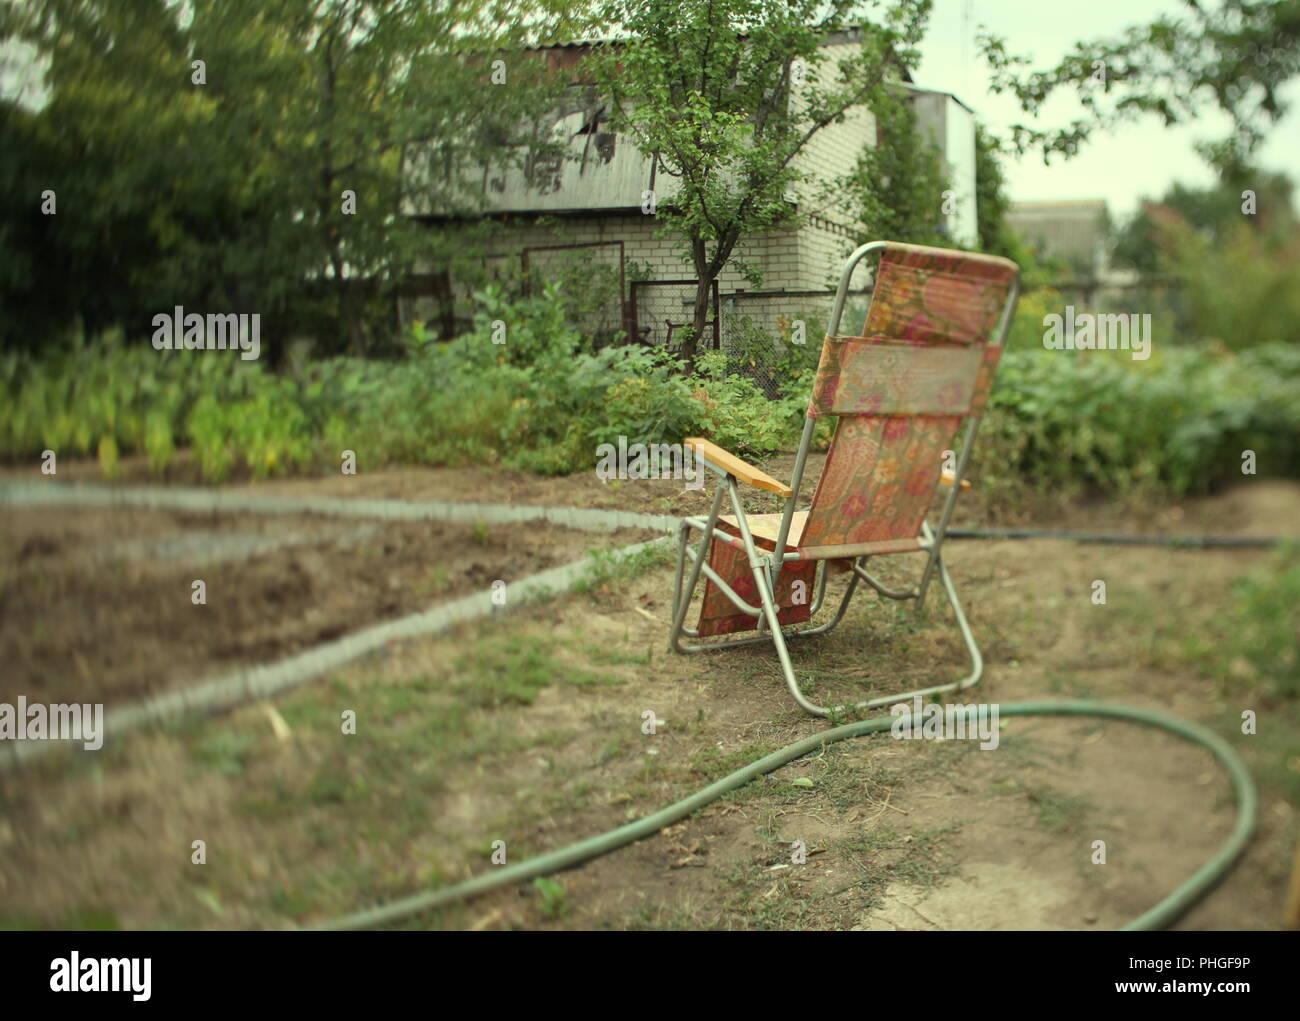 Sedia conchiglia in giardino foto immagine stock alamy